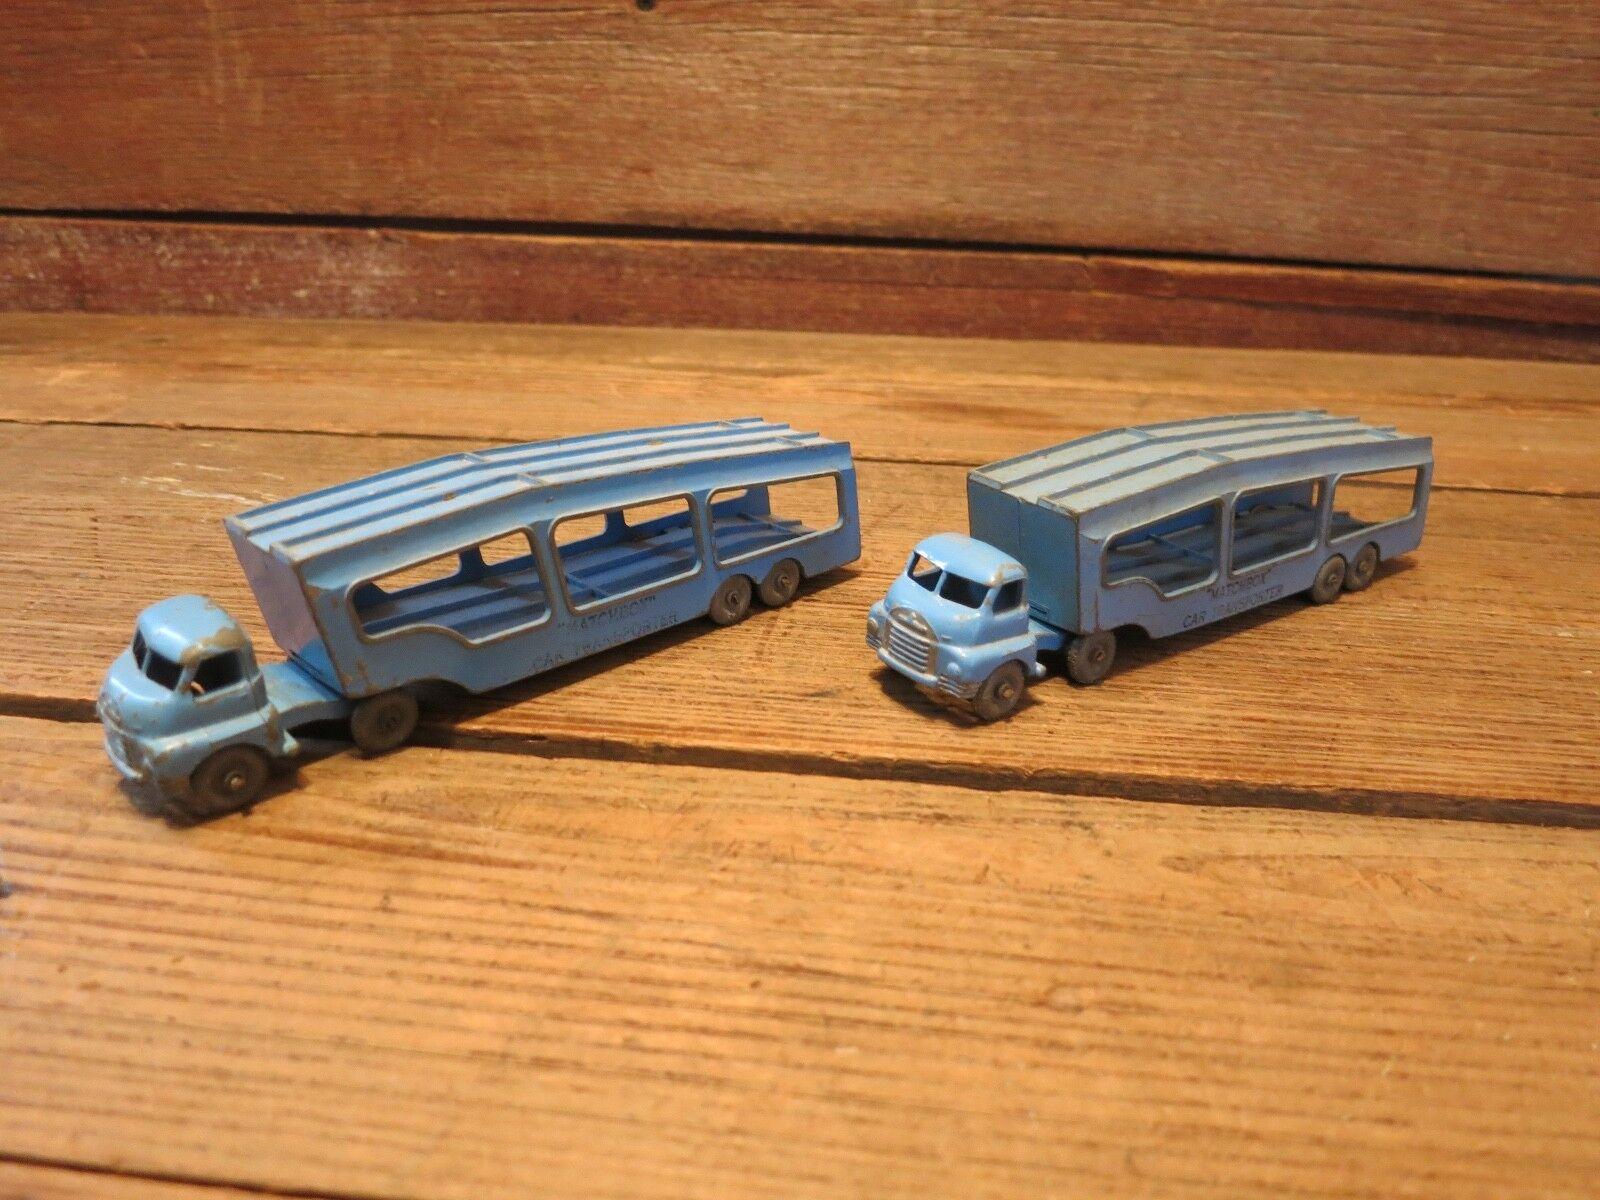 Jahrgang lesney matchbox auto - - - transporter 2 25b127